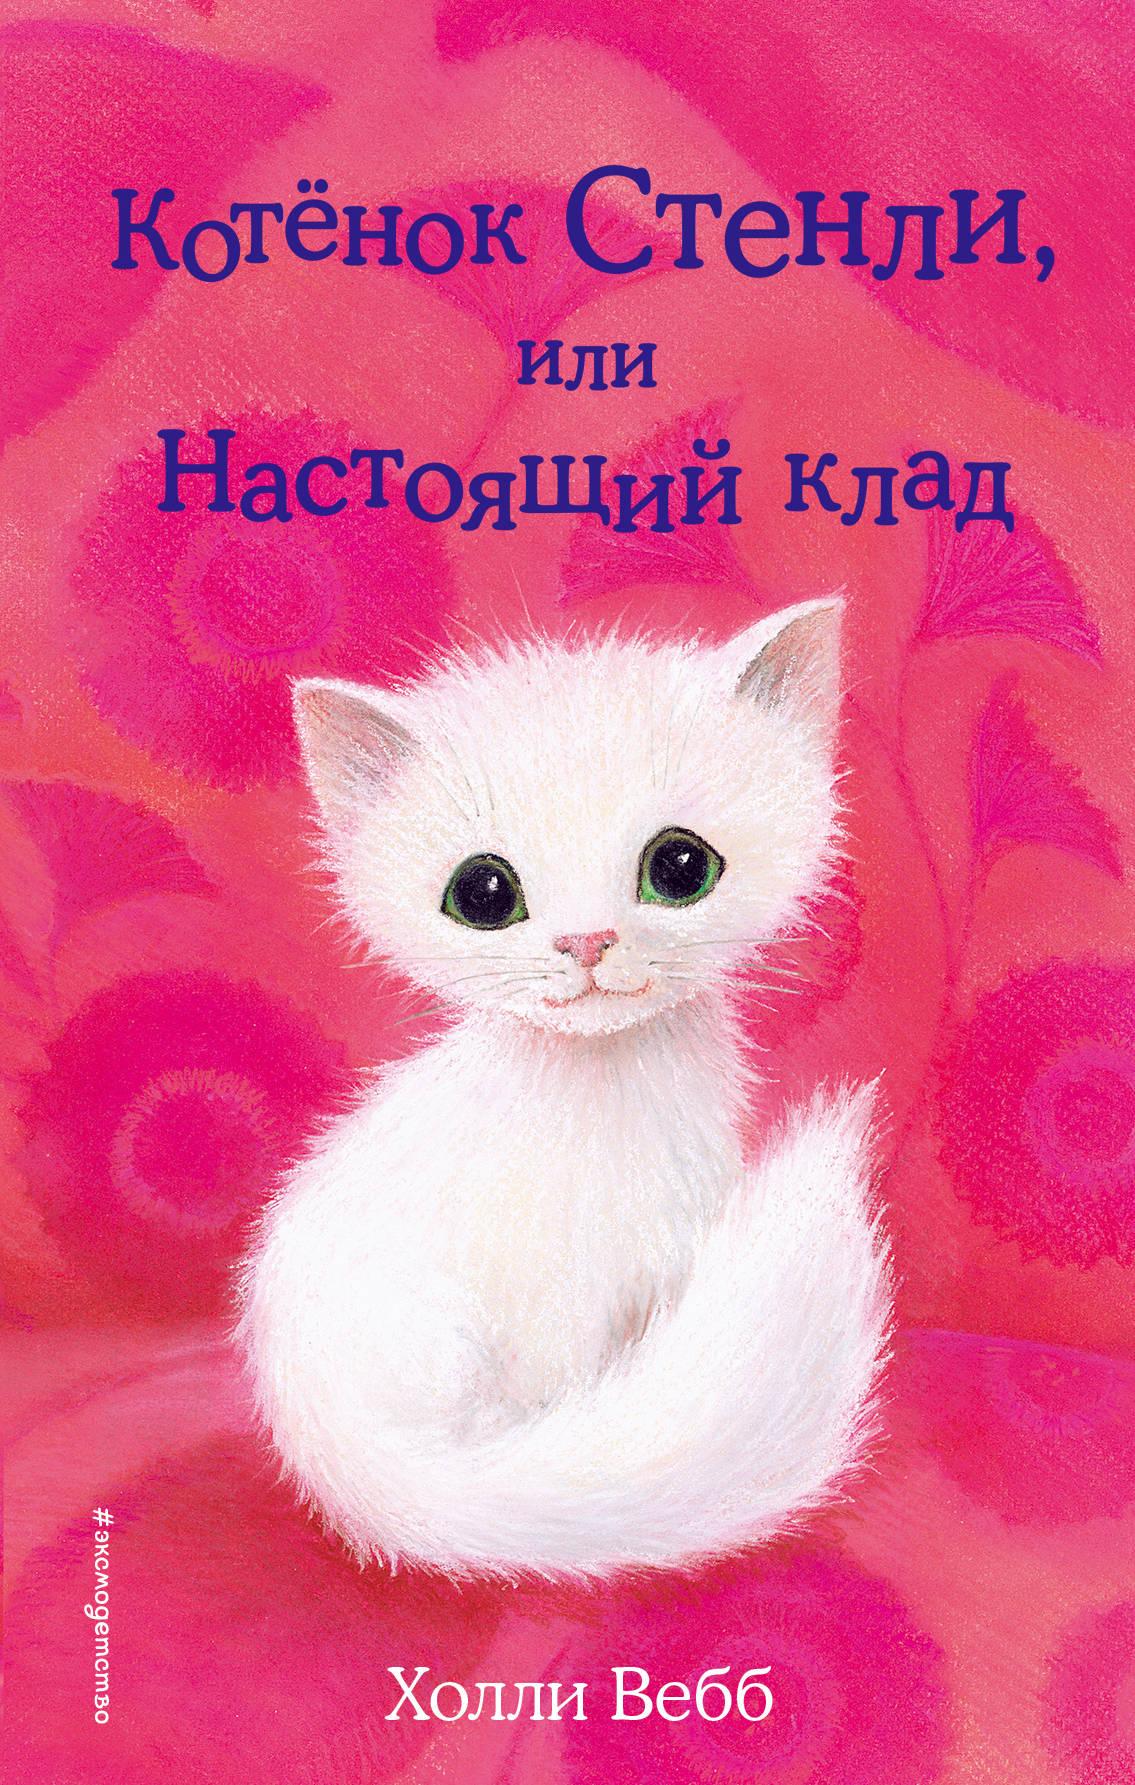 Котёнок Стенли, или Настоящий клад, Вебб Холли